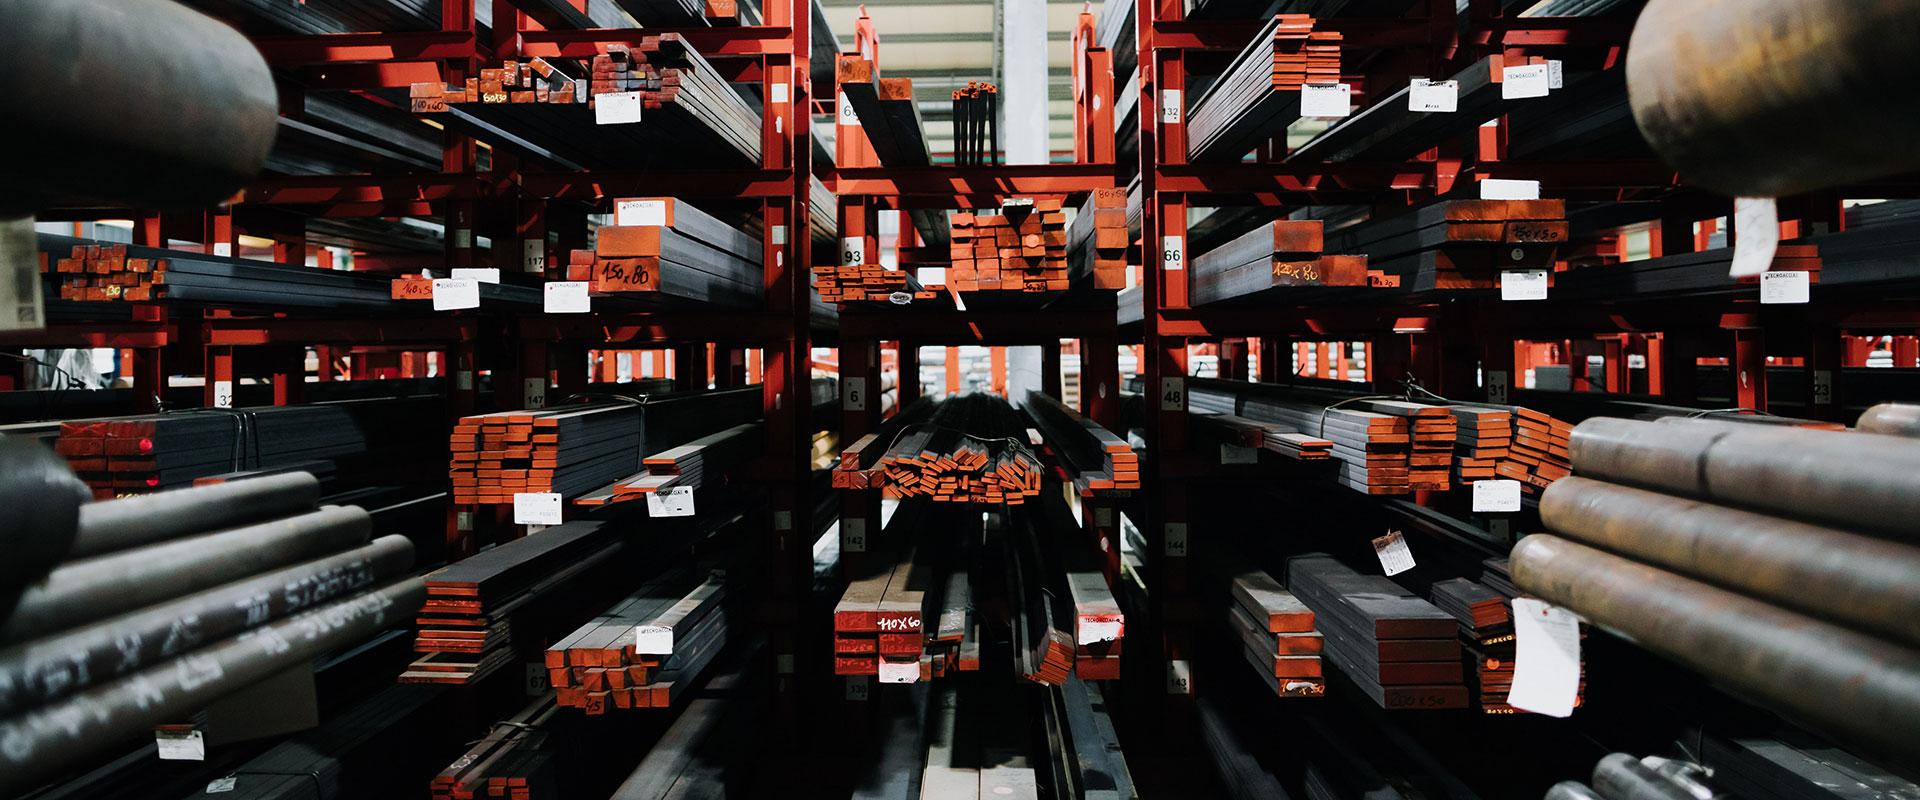 acciai di qualita - tecnoacciai vendita acciaio inox, siderurgica, acciai per industria meccanica, impiantistica